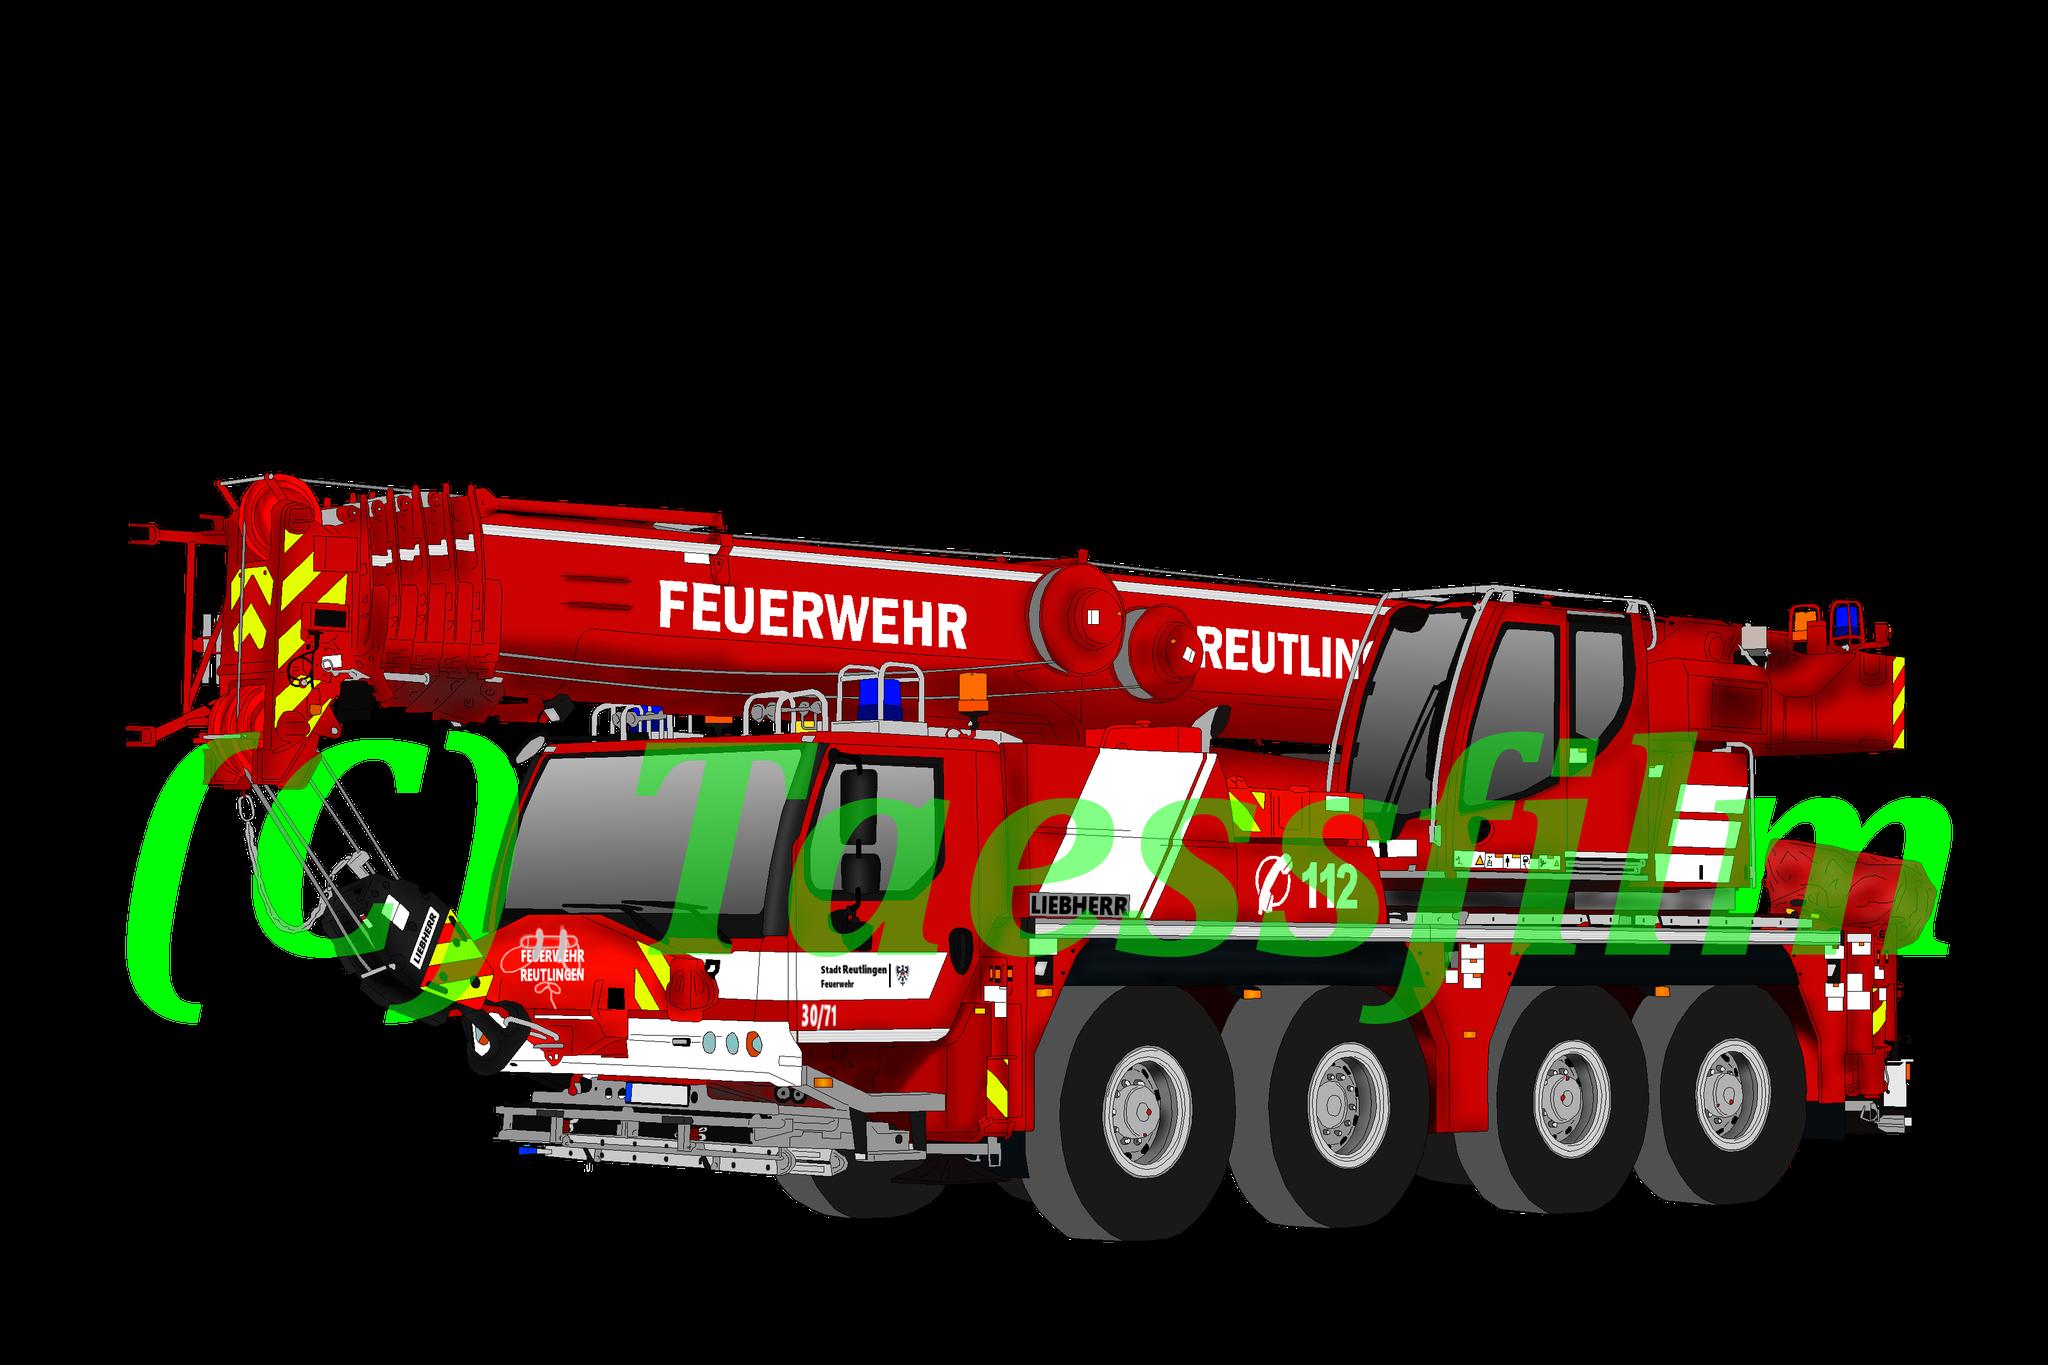 FwK 70 BF Reutlingen